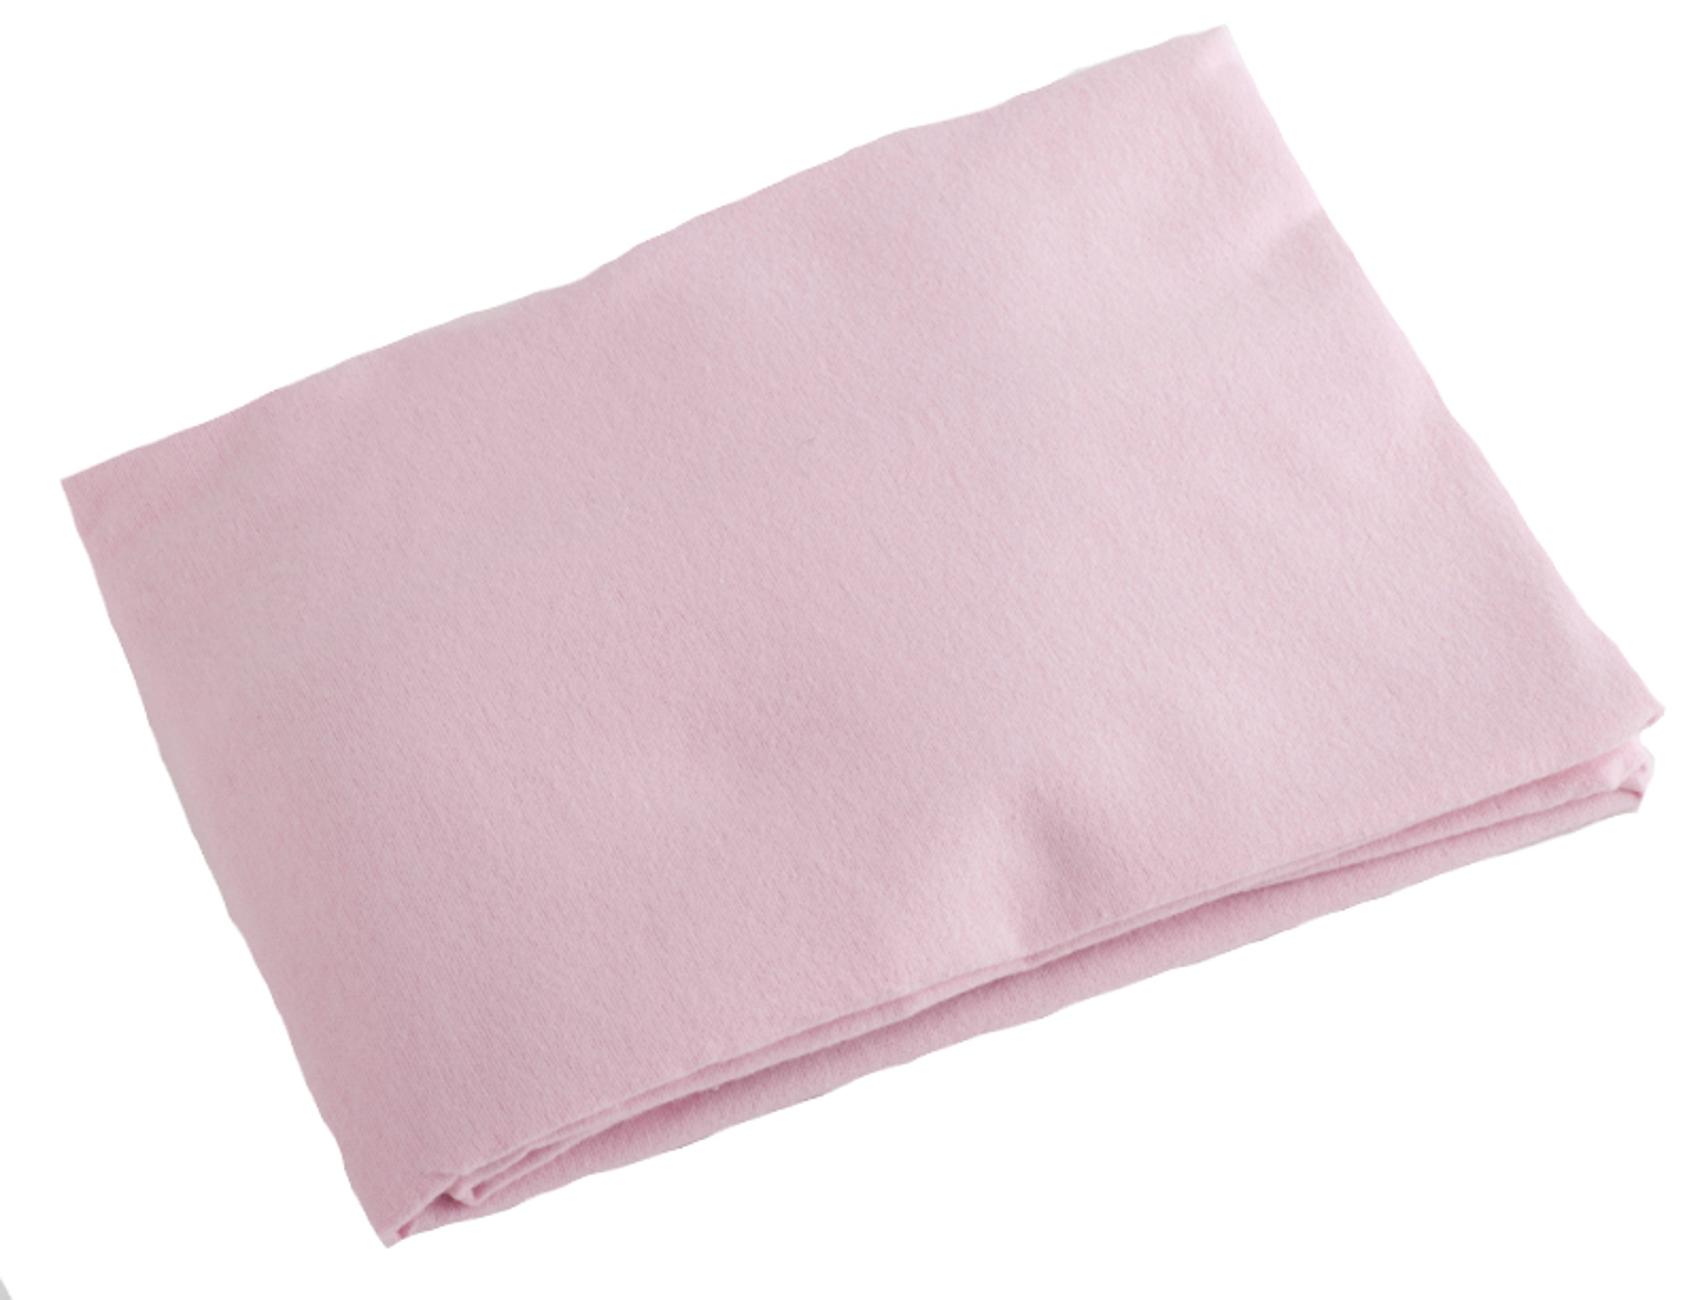 100 brushed cotton cot bed sheet soft flannelette baby. Black Bedroom Furniture Sets. Home Design Ideas